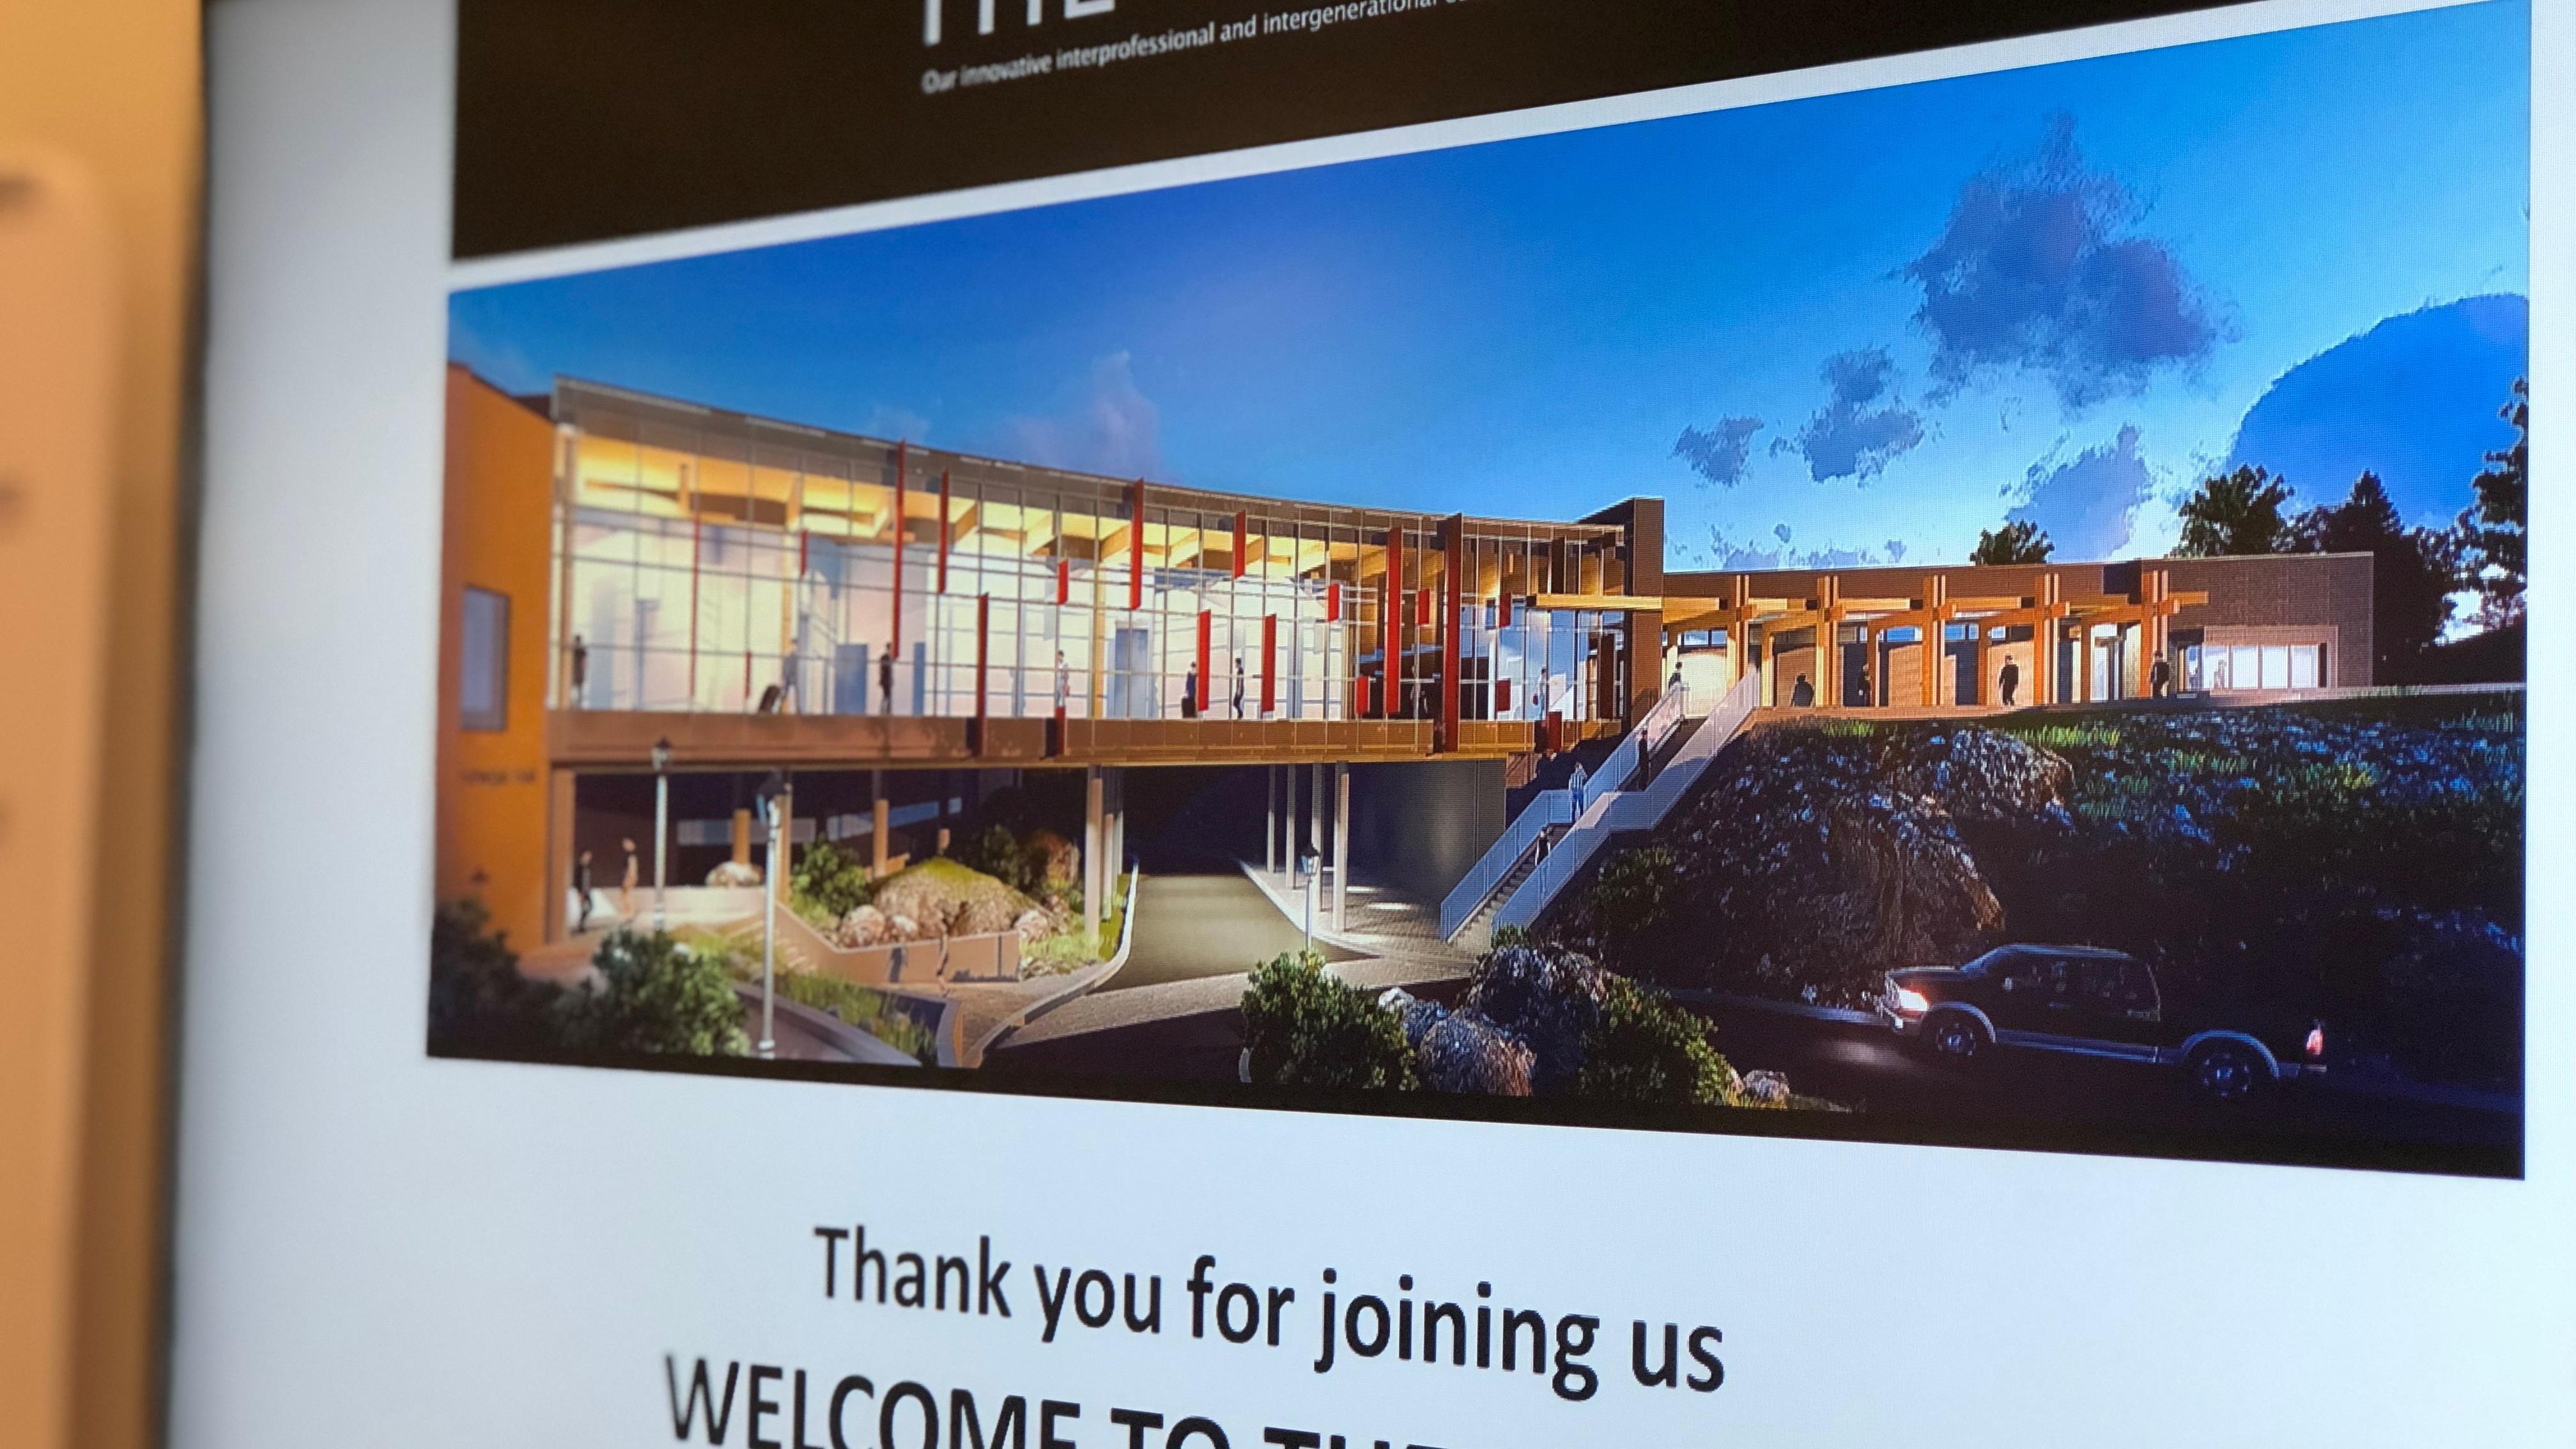 Une affiche illustrant le plan conceptuel des architectes souhaite la bienvenue aux visiteurs.